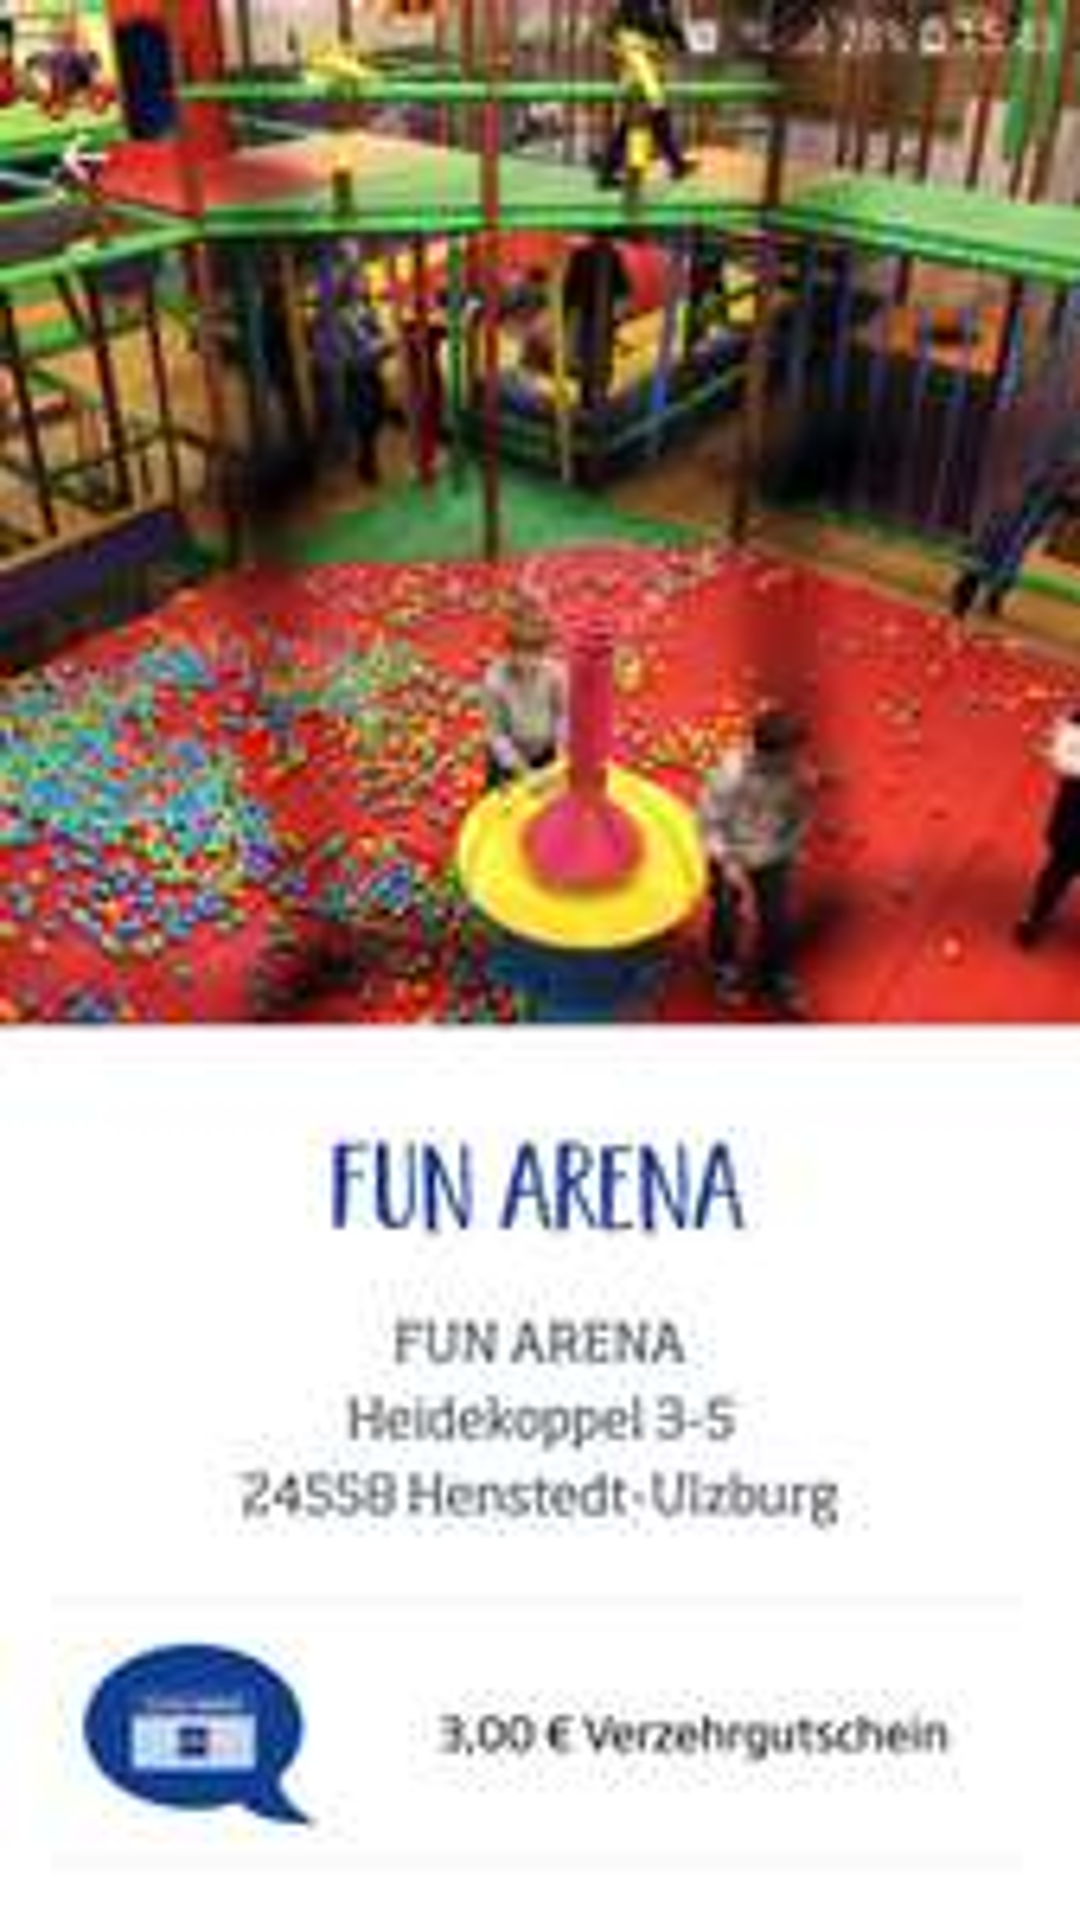 Fun Arena 3 Euro Verzehrgutschein in der Budni App/Budni Karte